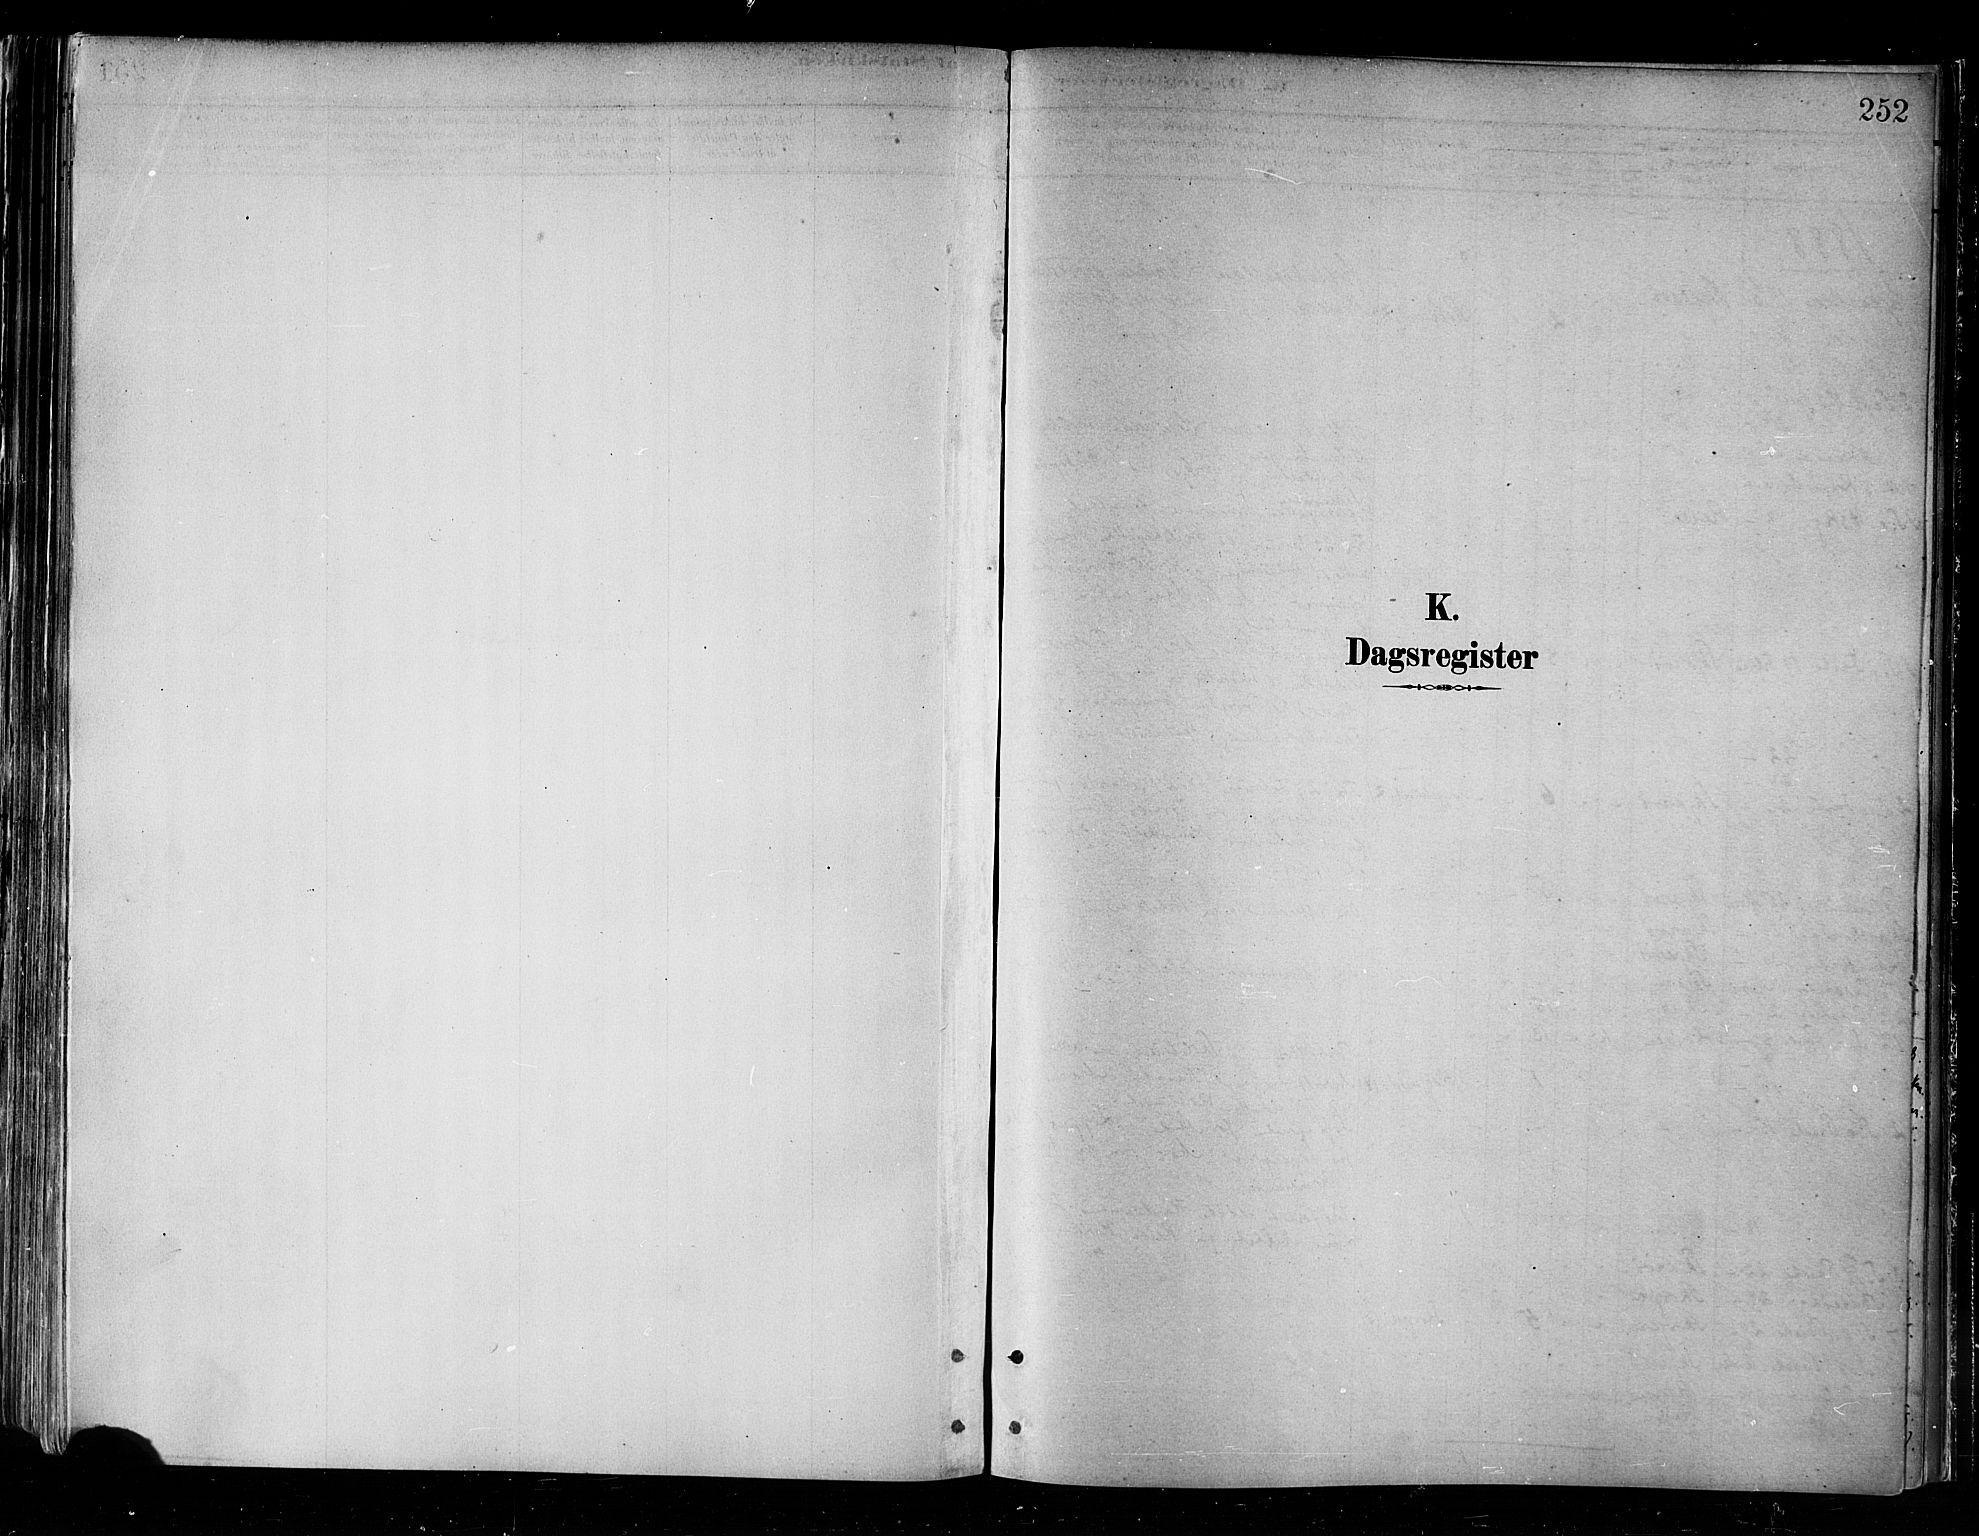 SATØ, Skjervøy sokneprestkontor, H/Ha/Haa/L0010kirke: Parish register (official) no. 10, 1887-1898, p. 252